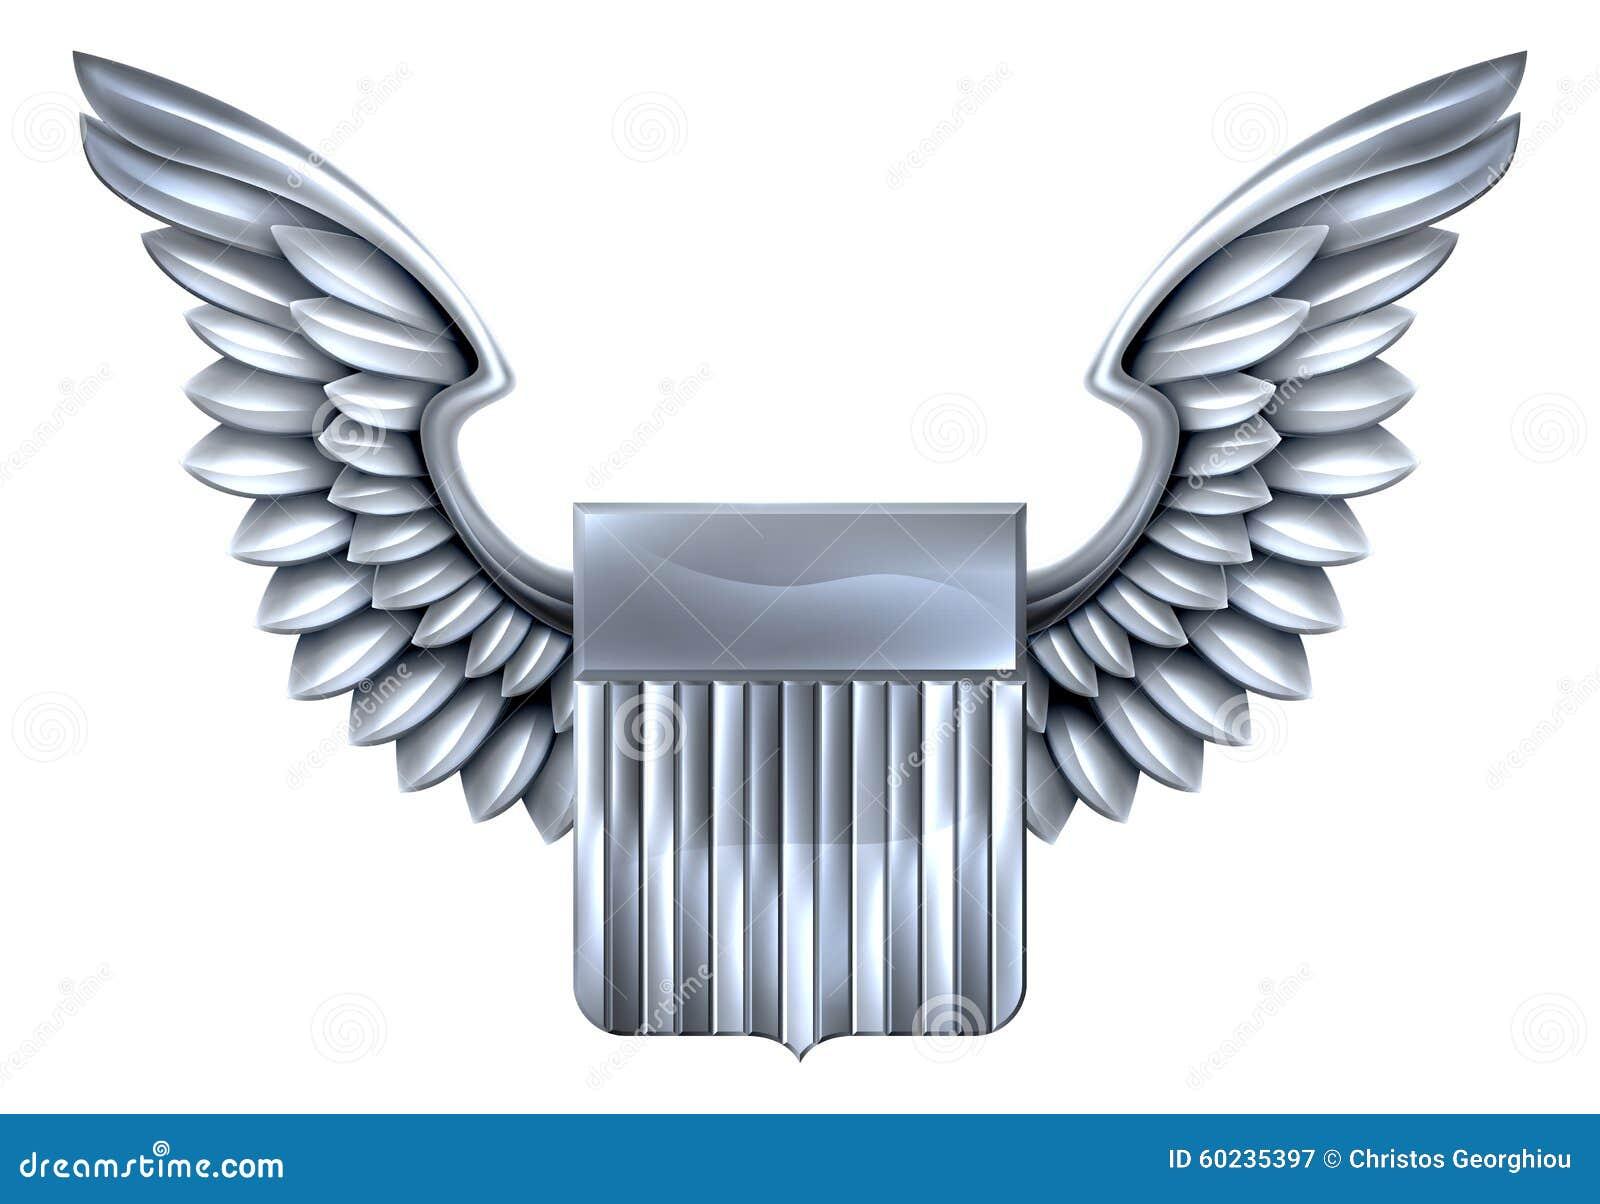 us eagle shield design vector illustration cartoondealer Clip Art President's Challenge Presidents Challenge Program Clip Art